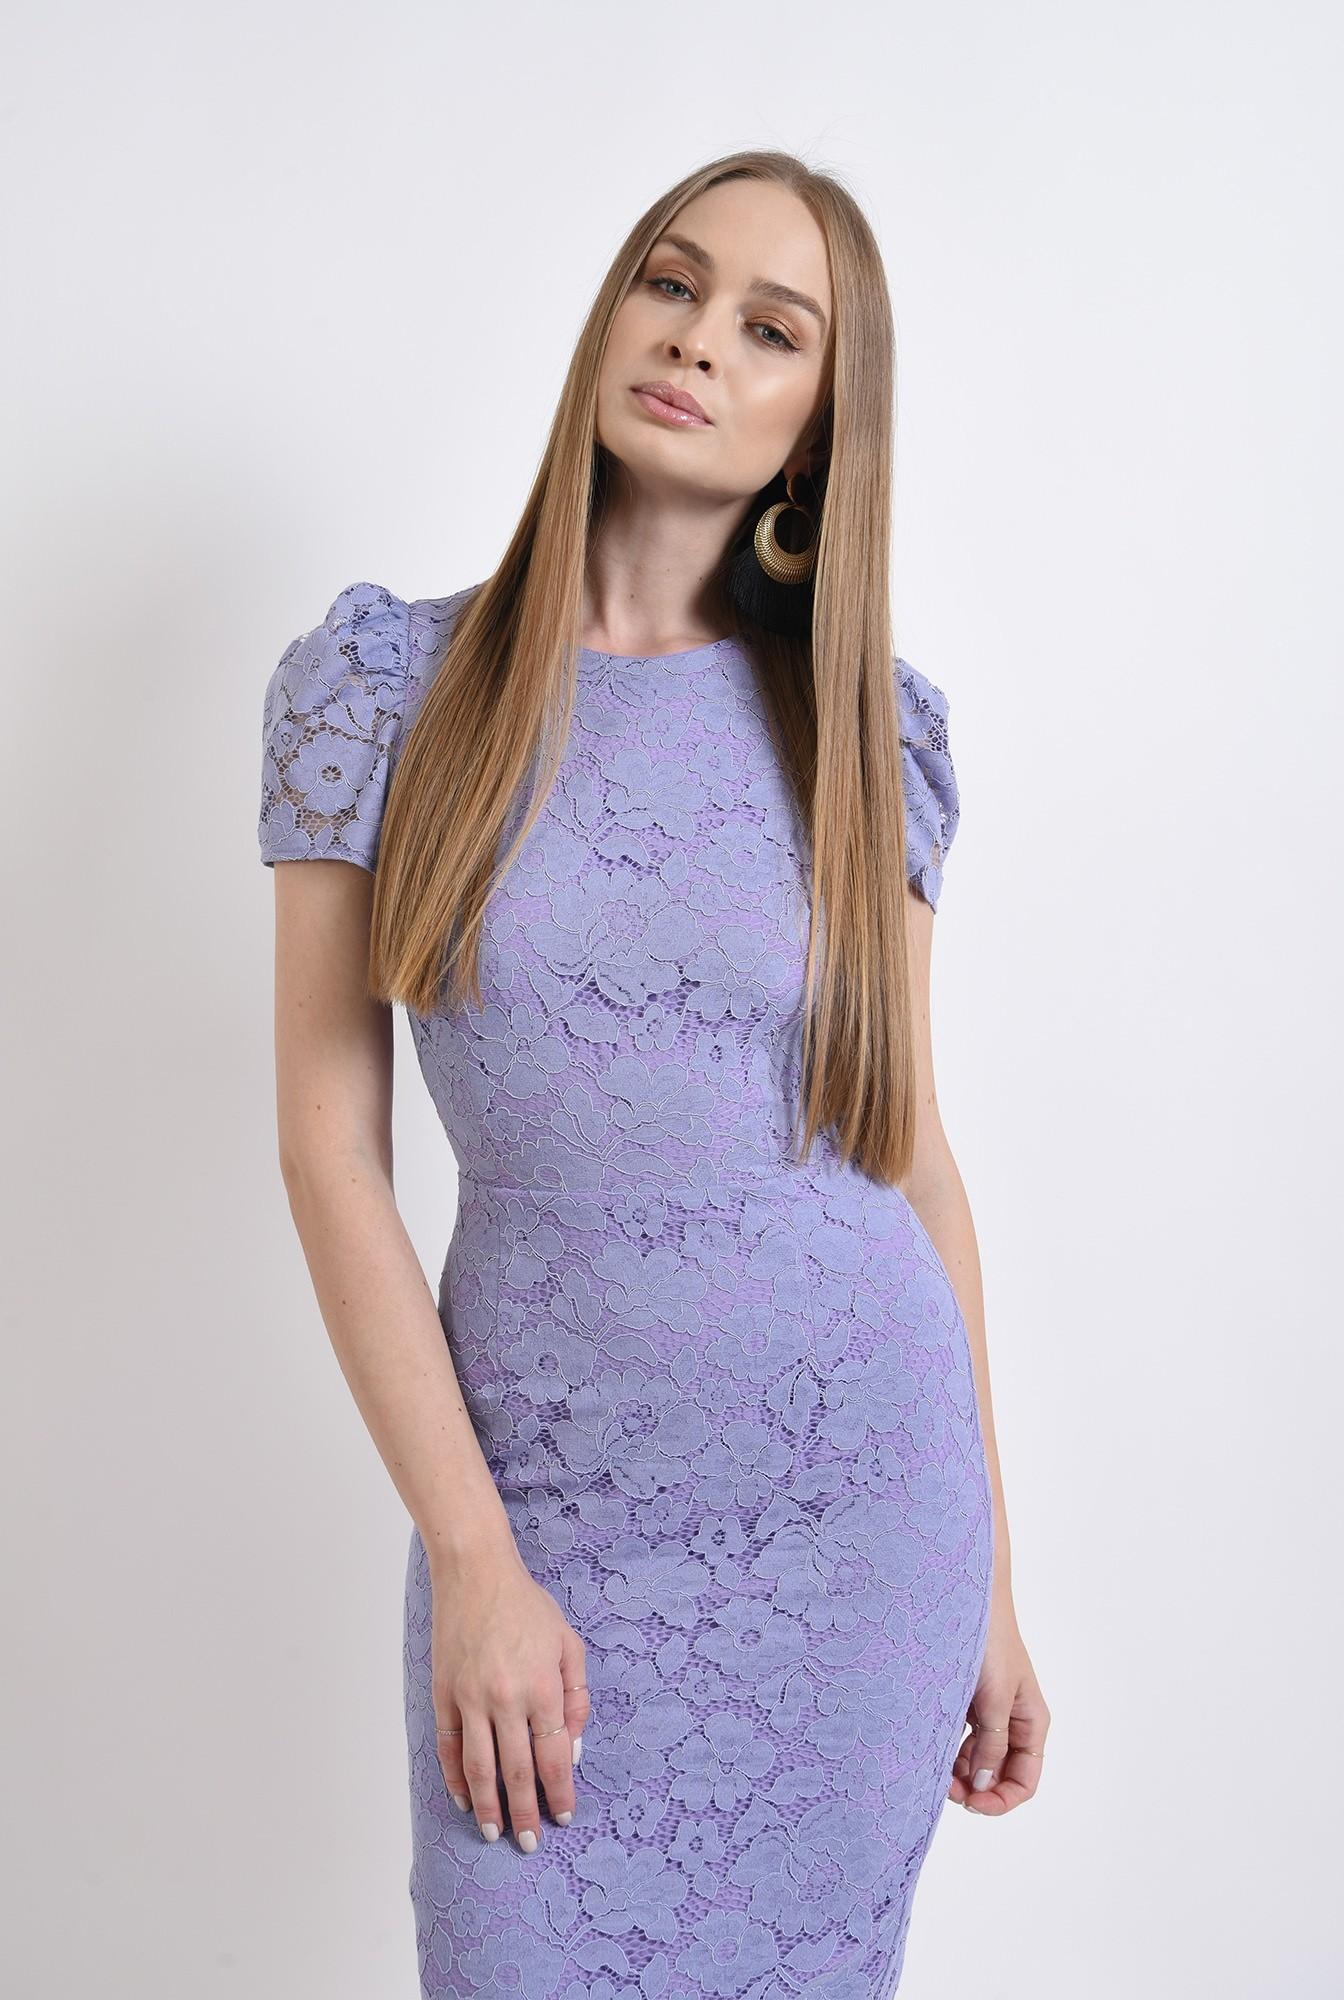 0 - rochie din dantela, eleganta, cu maneca scurta